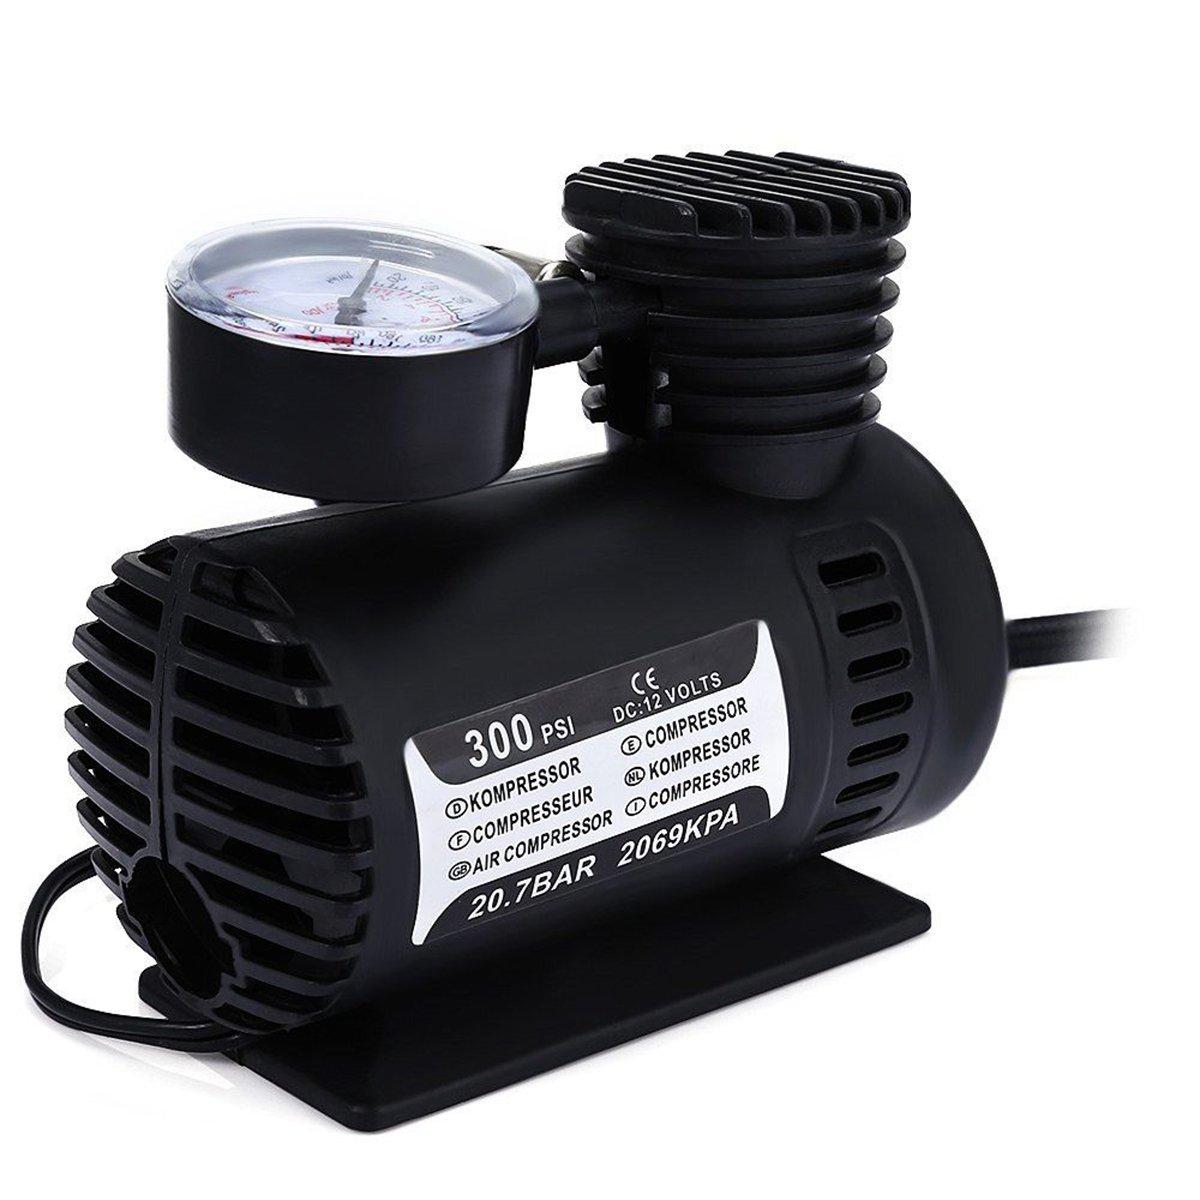 Universal de impresión compacta Compresor Aire Compresor 300 PSI: Amazon.es: Bricolaje y herramientas